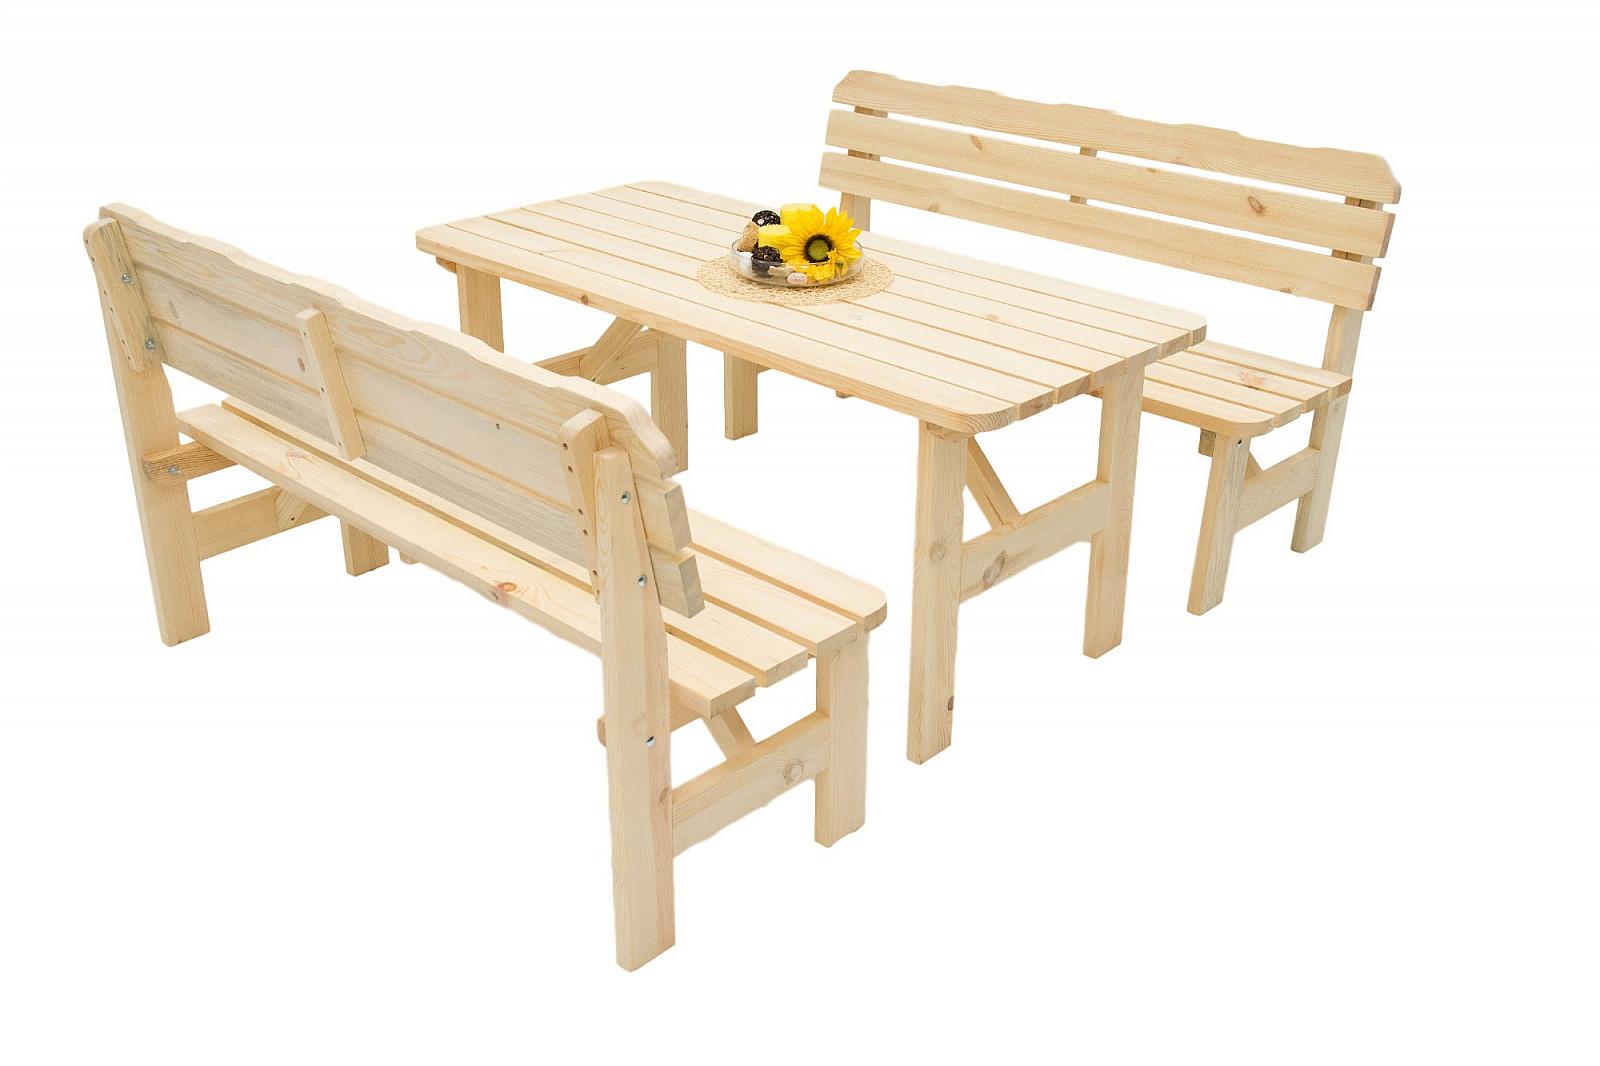 DEOKORK Masivní dřevěná zahradní sestava z borovice 1+2 dřevo 32 mm